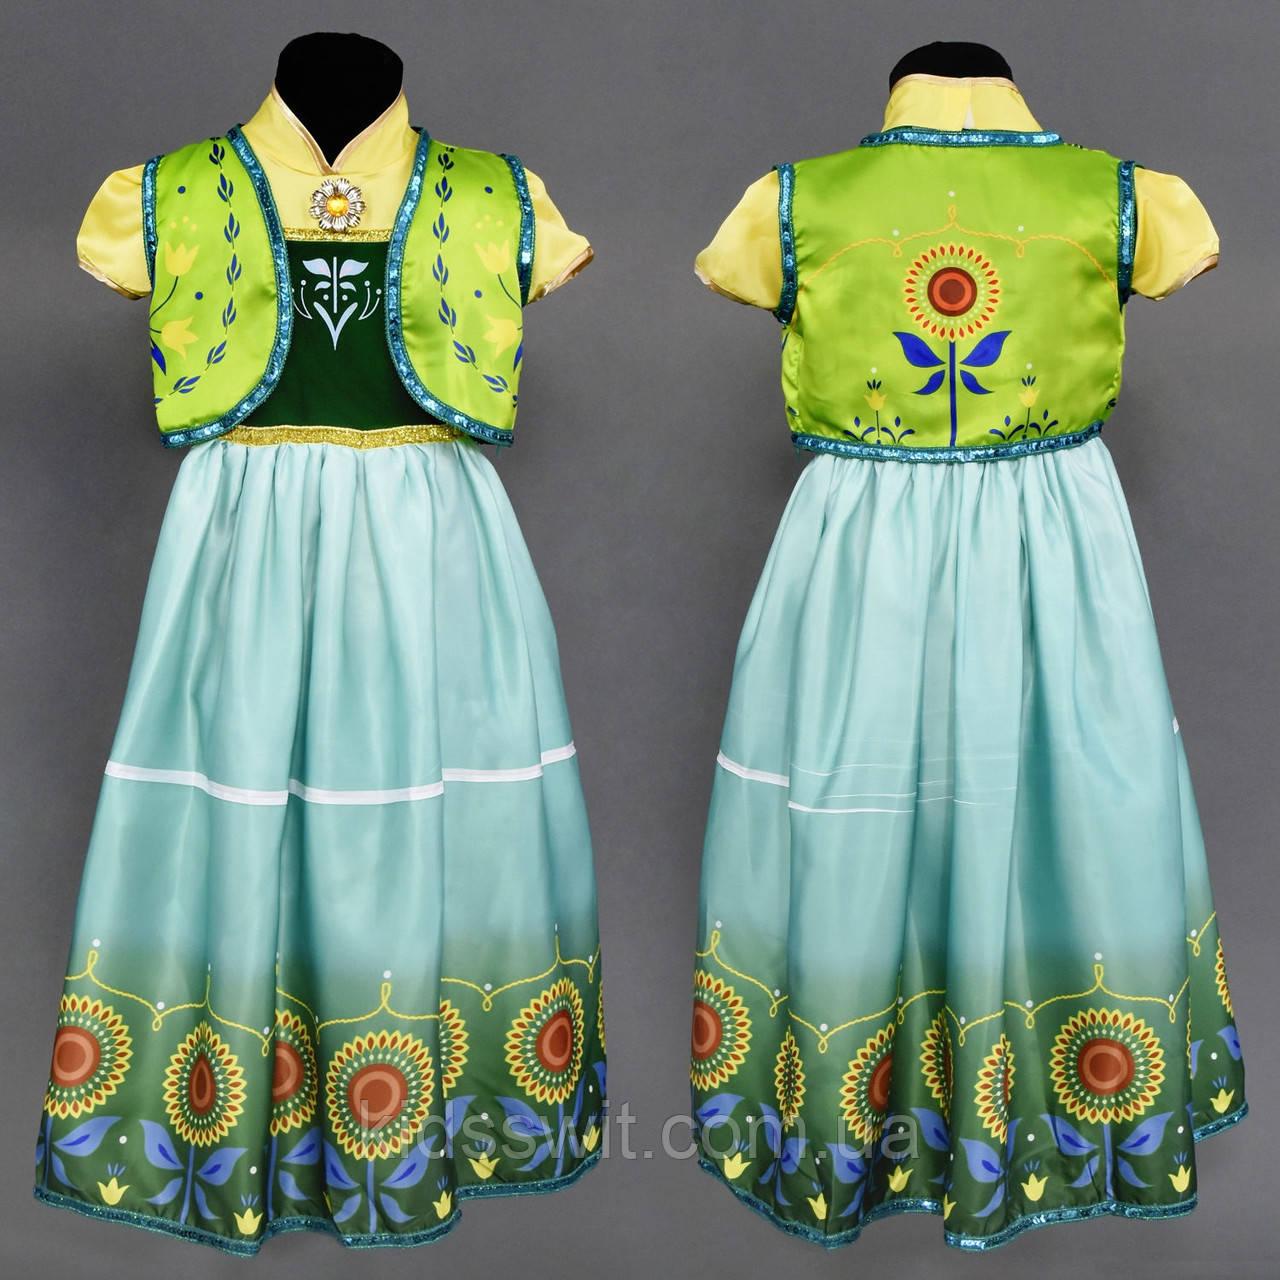 """Карнавальний костюм З 23000 (120) """"Принцеса Анна"""" розмір """"S"""", зростання - 110см"""